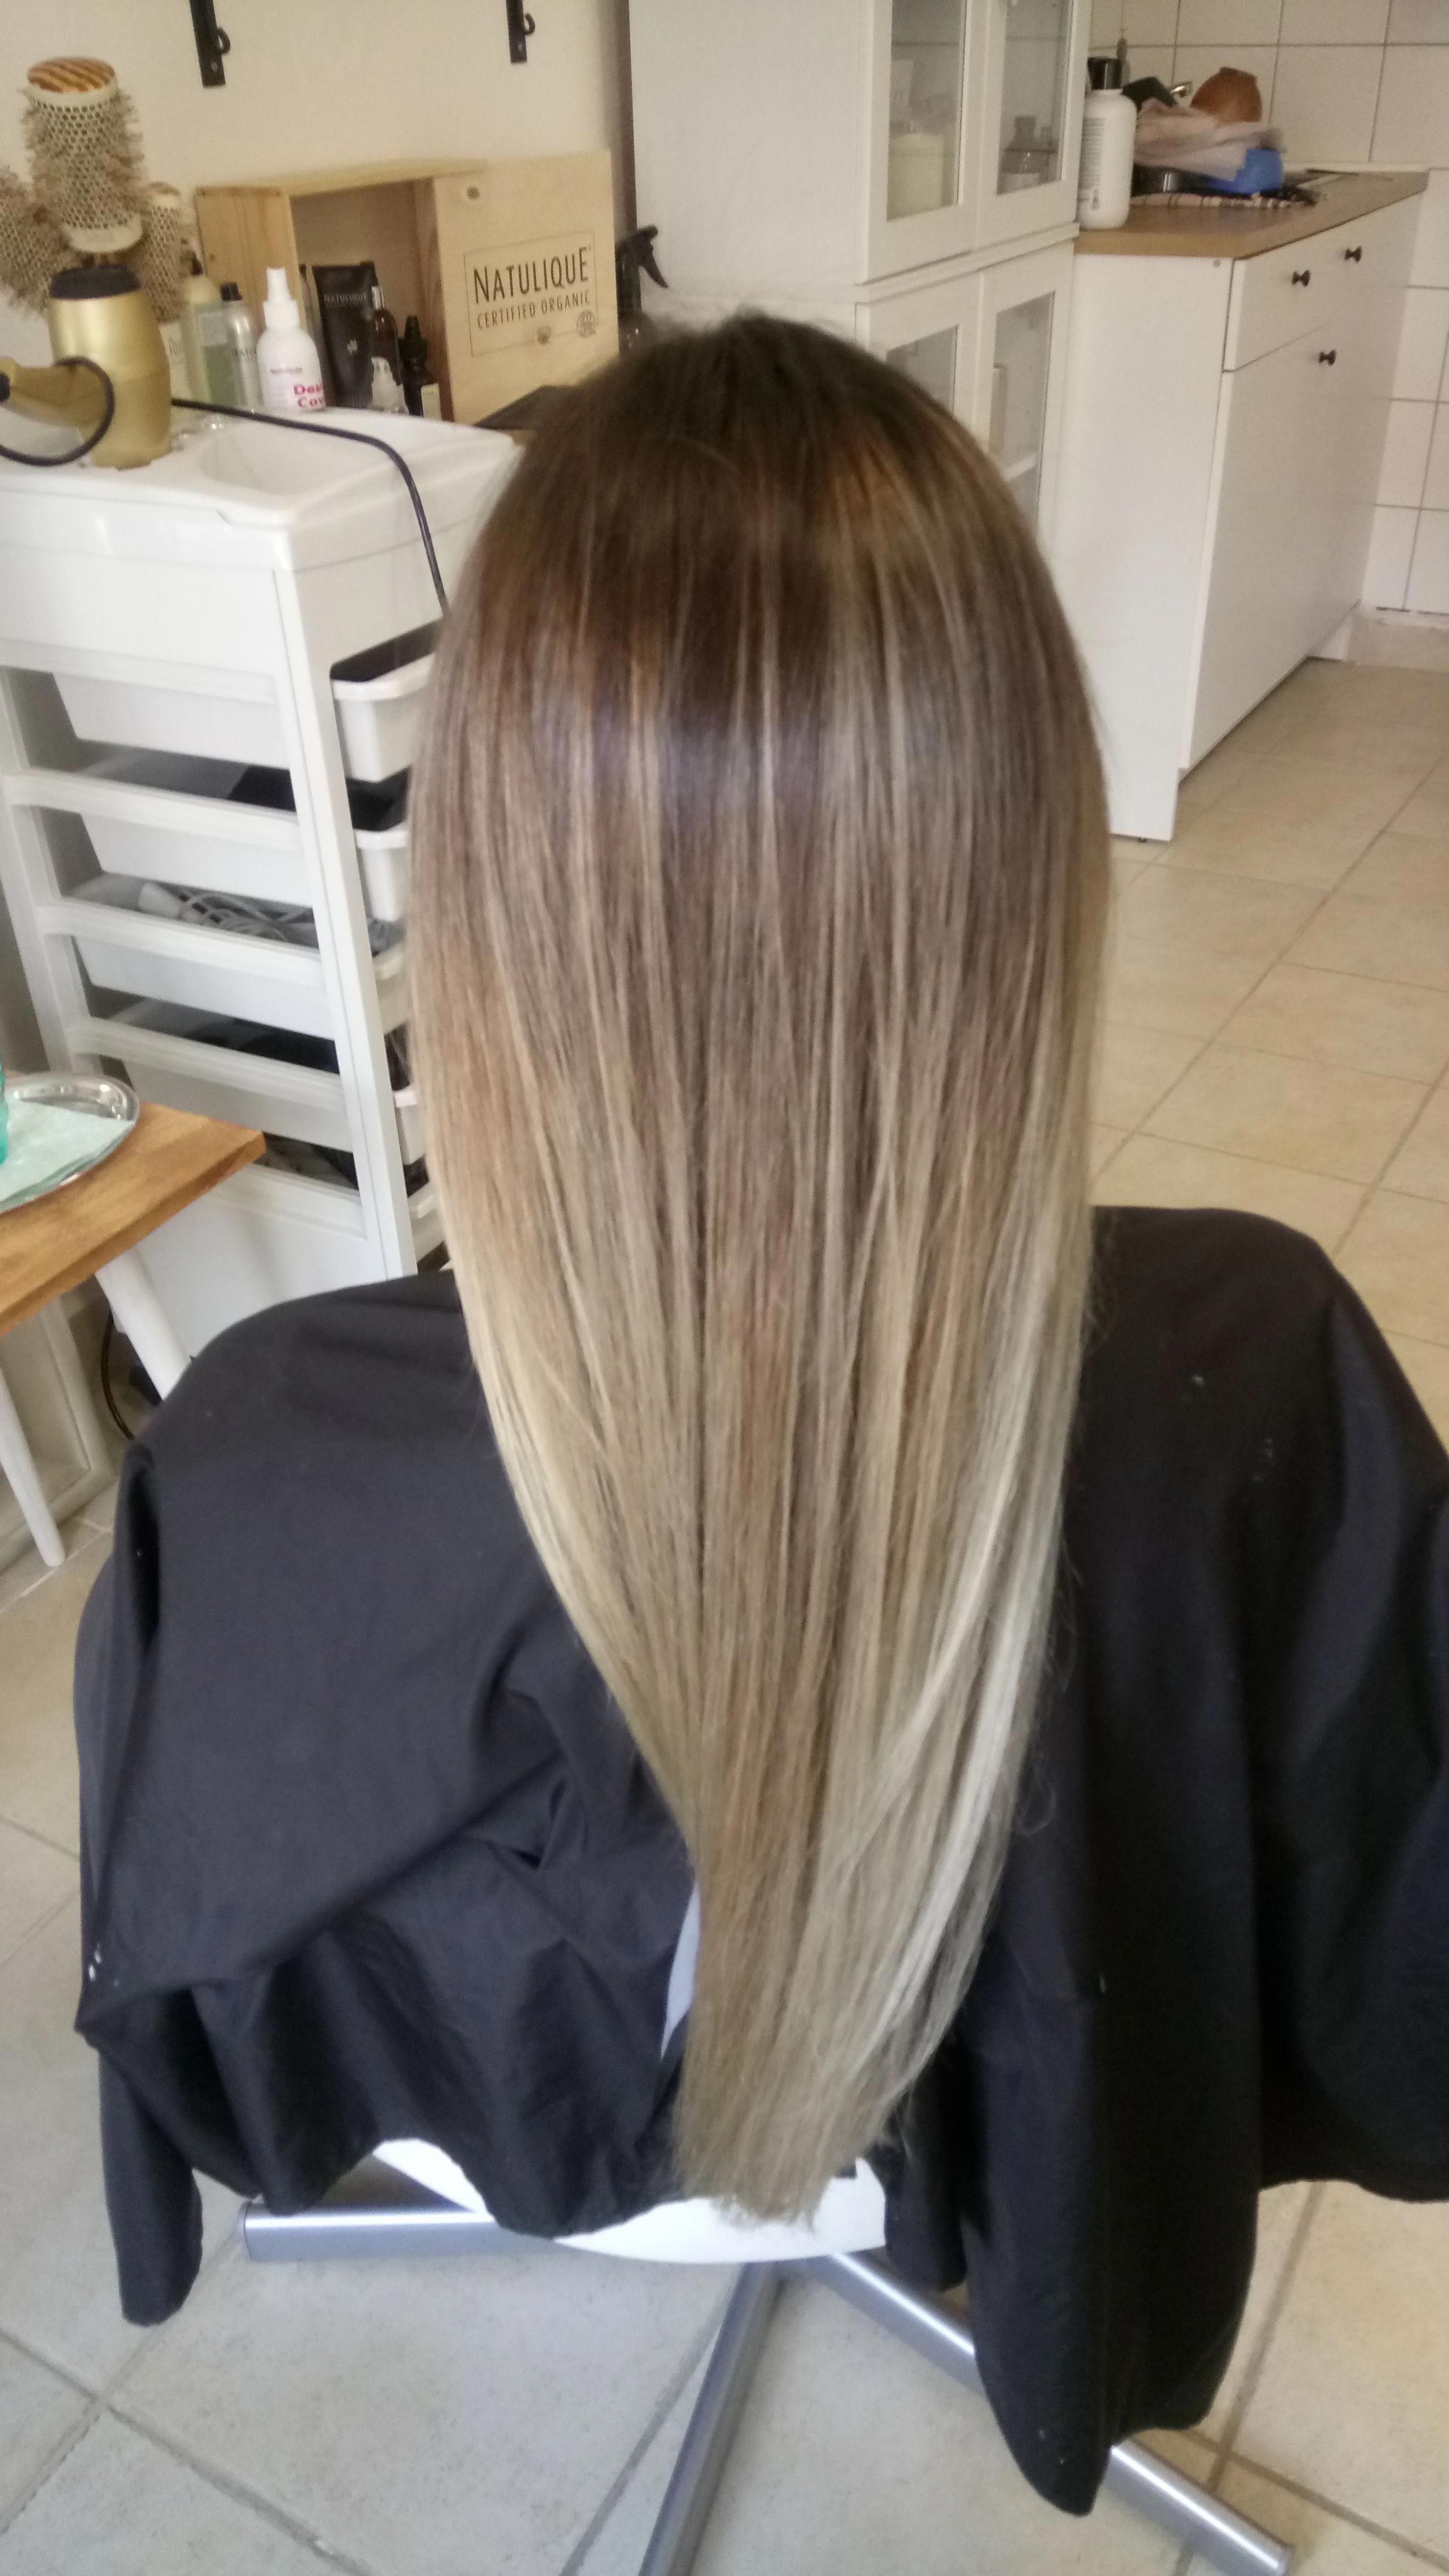 Balayage Blonde Brown Long Hair Straight Ombrestraighthair Balayage Straight Hair Balayage Hair Blonde Straight Straight Blonde Hair